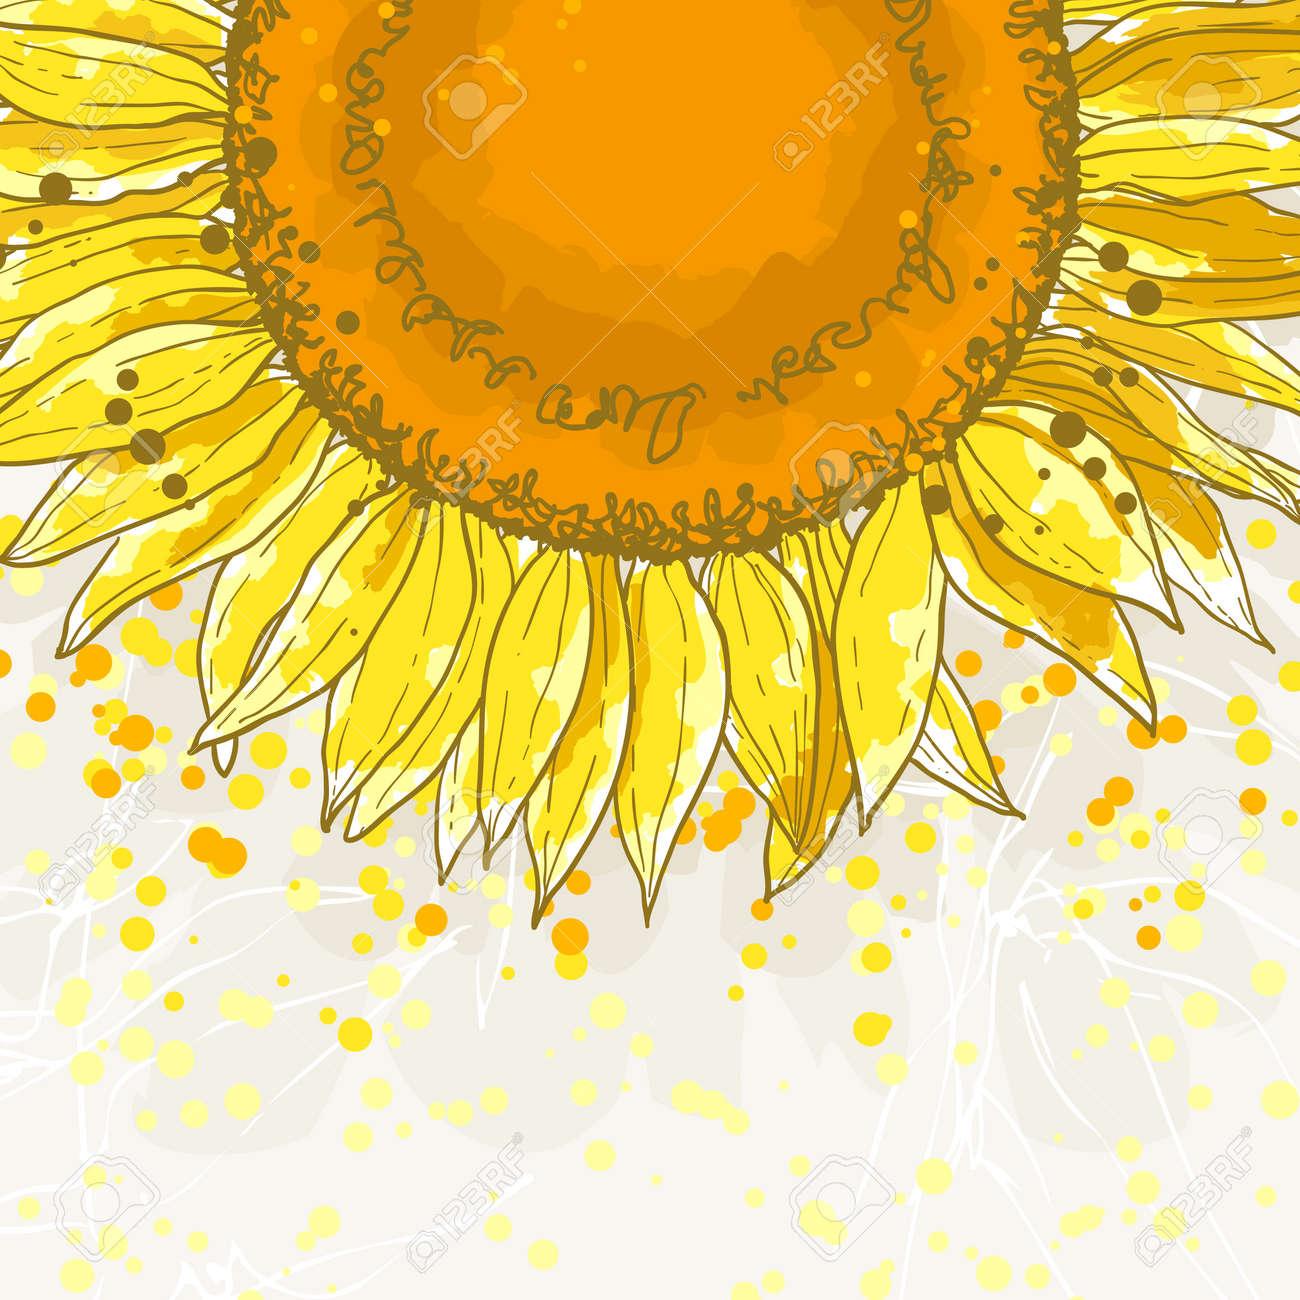 Die Kontur Zeichnung Blume Sonnenblume Kann Als Hintergrund Für ... - Einladungskarte Sonnenblume